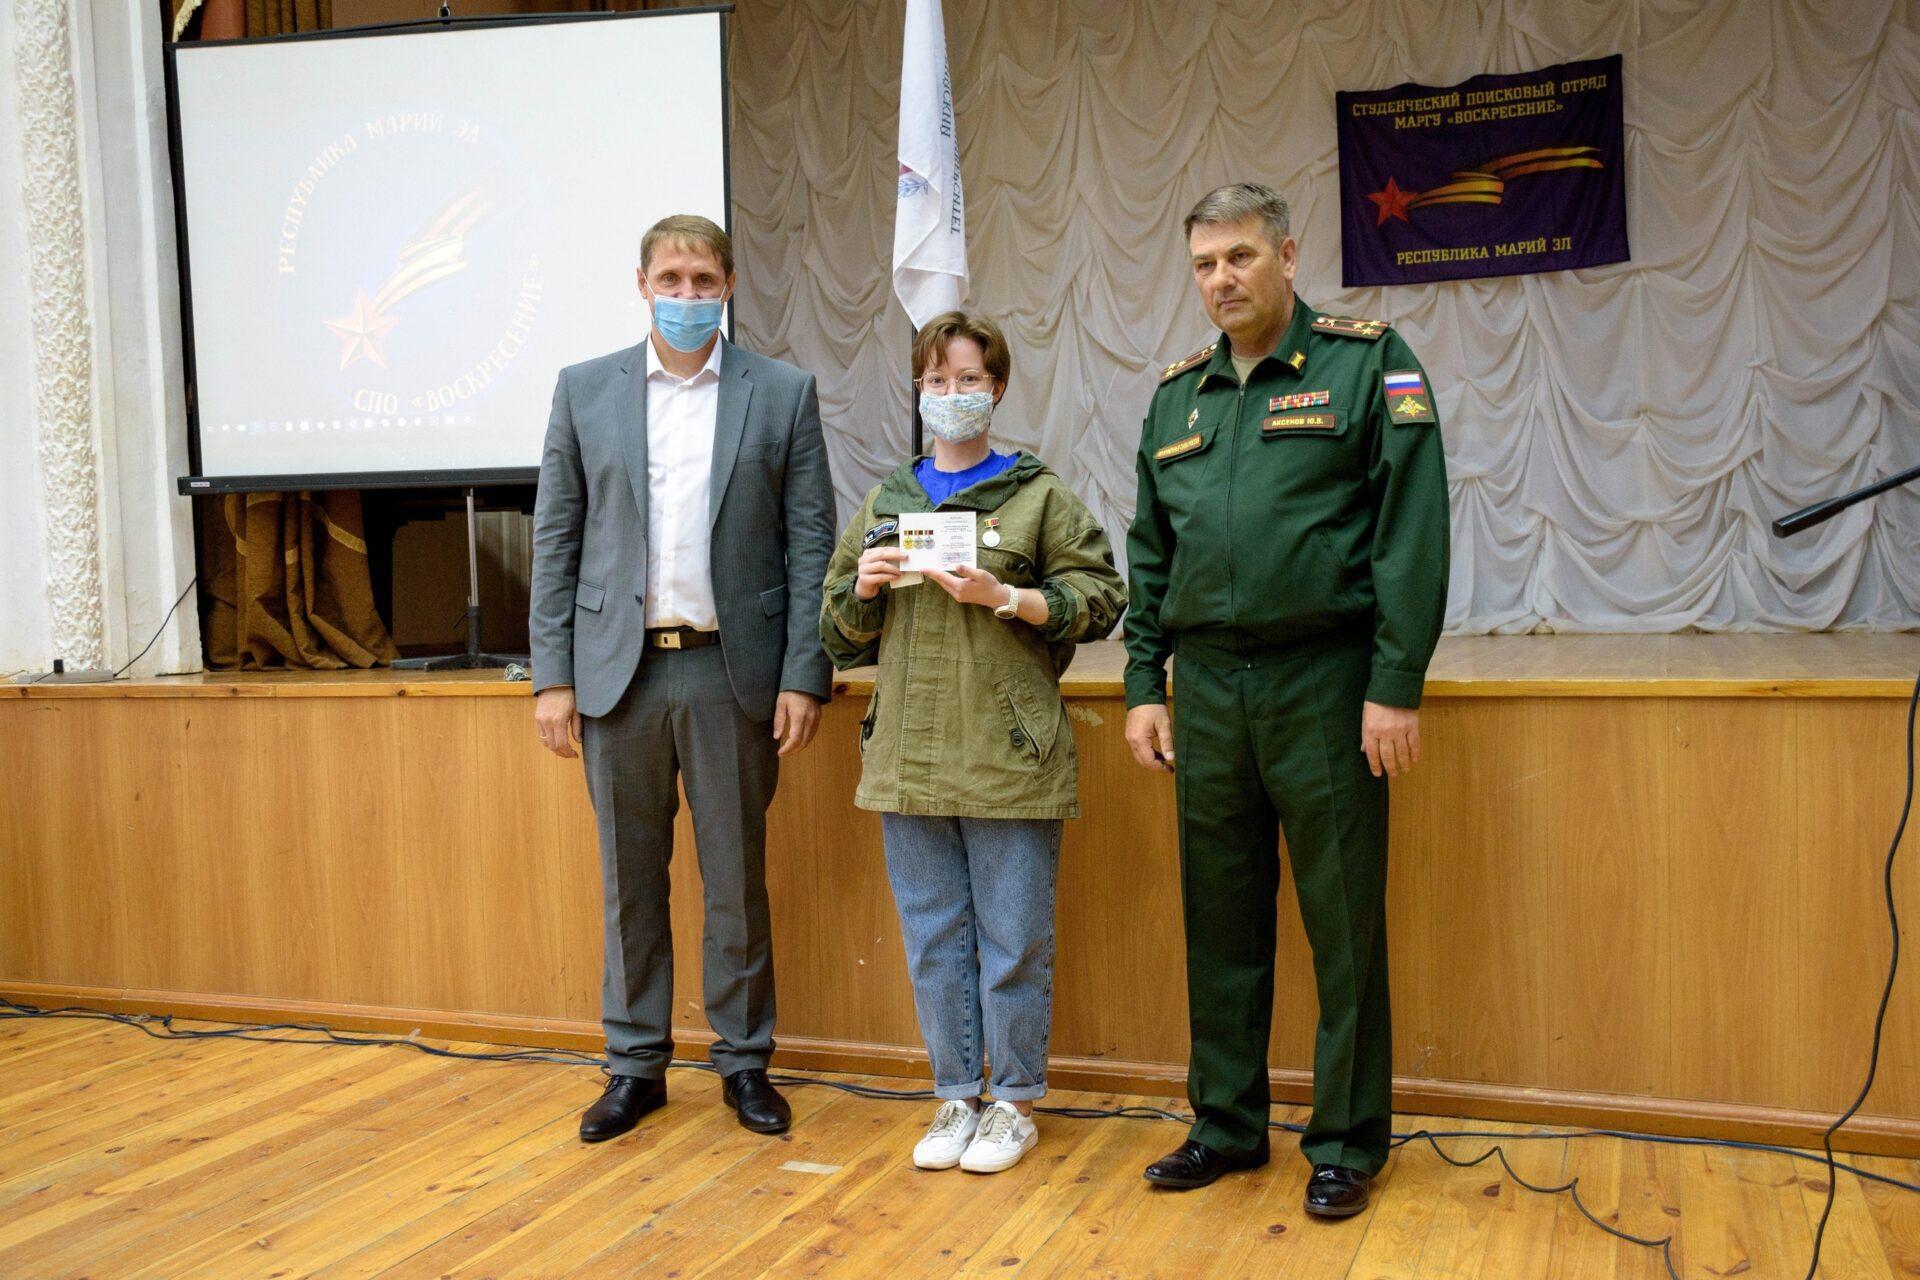 18 участников поискового отряда из Марий Эл наградили знаками отличия Минобороны РФ